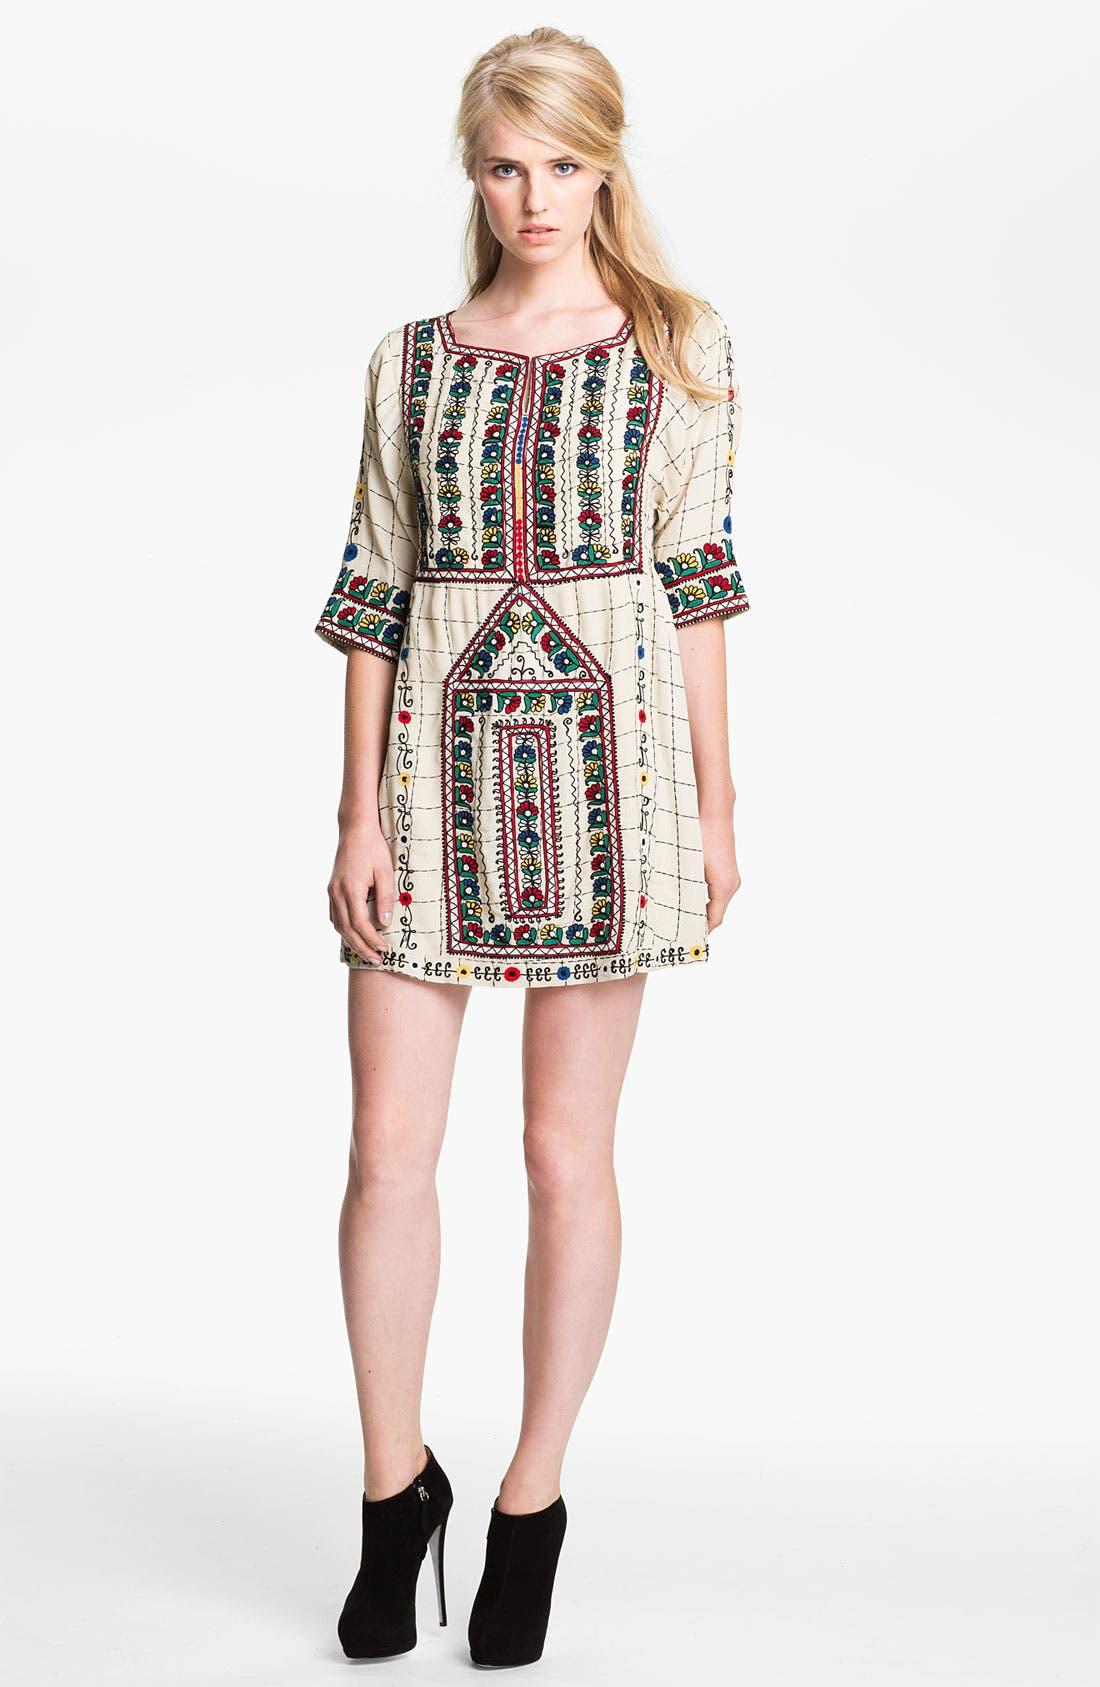 Alternate Image 1 Selected - Twenty8Twelve 'Gaskell' Embroidered Shift Dress